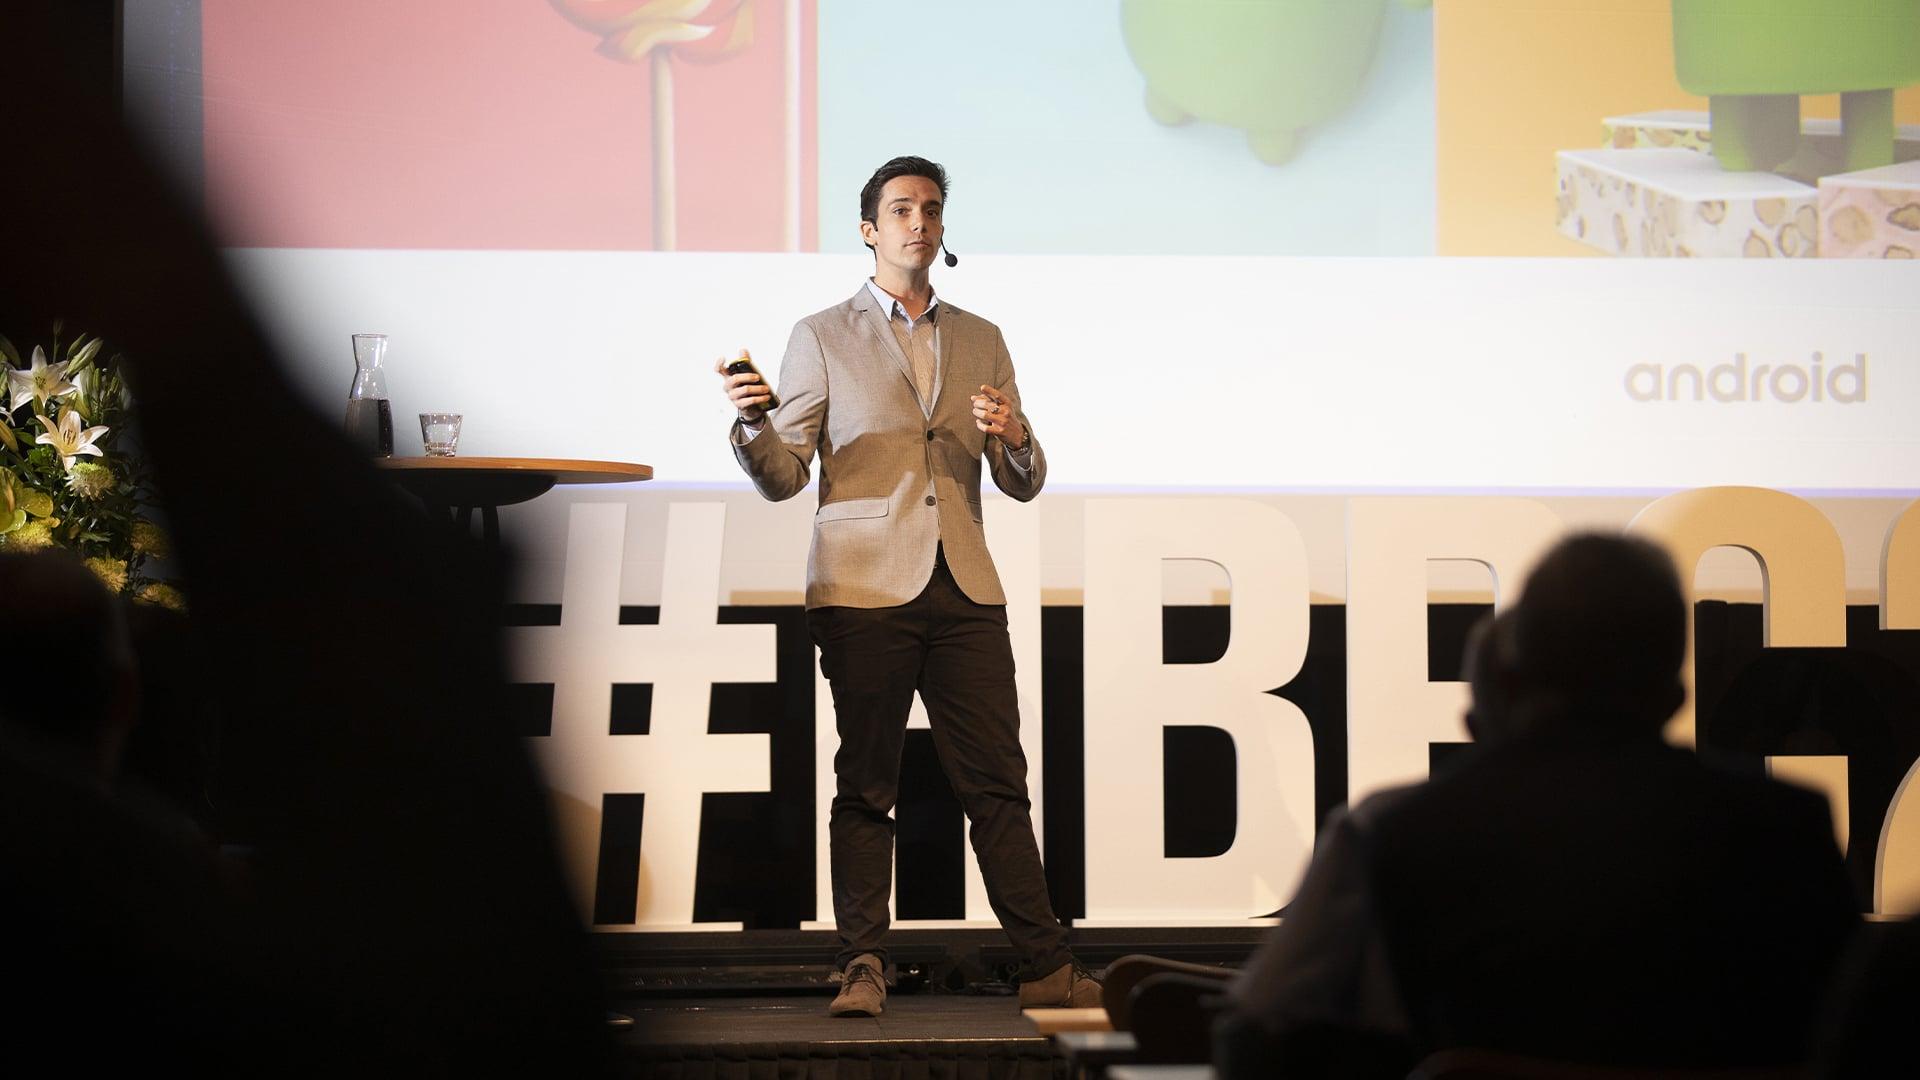 handheld business partner conference speaker